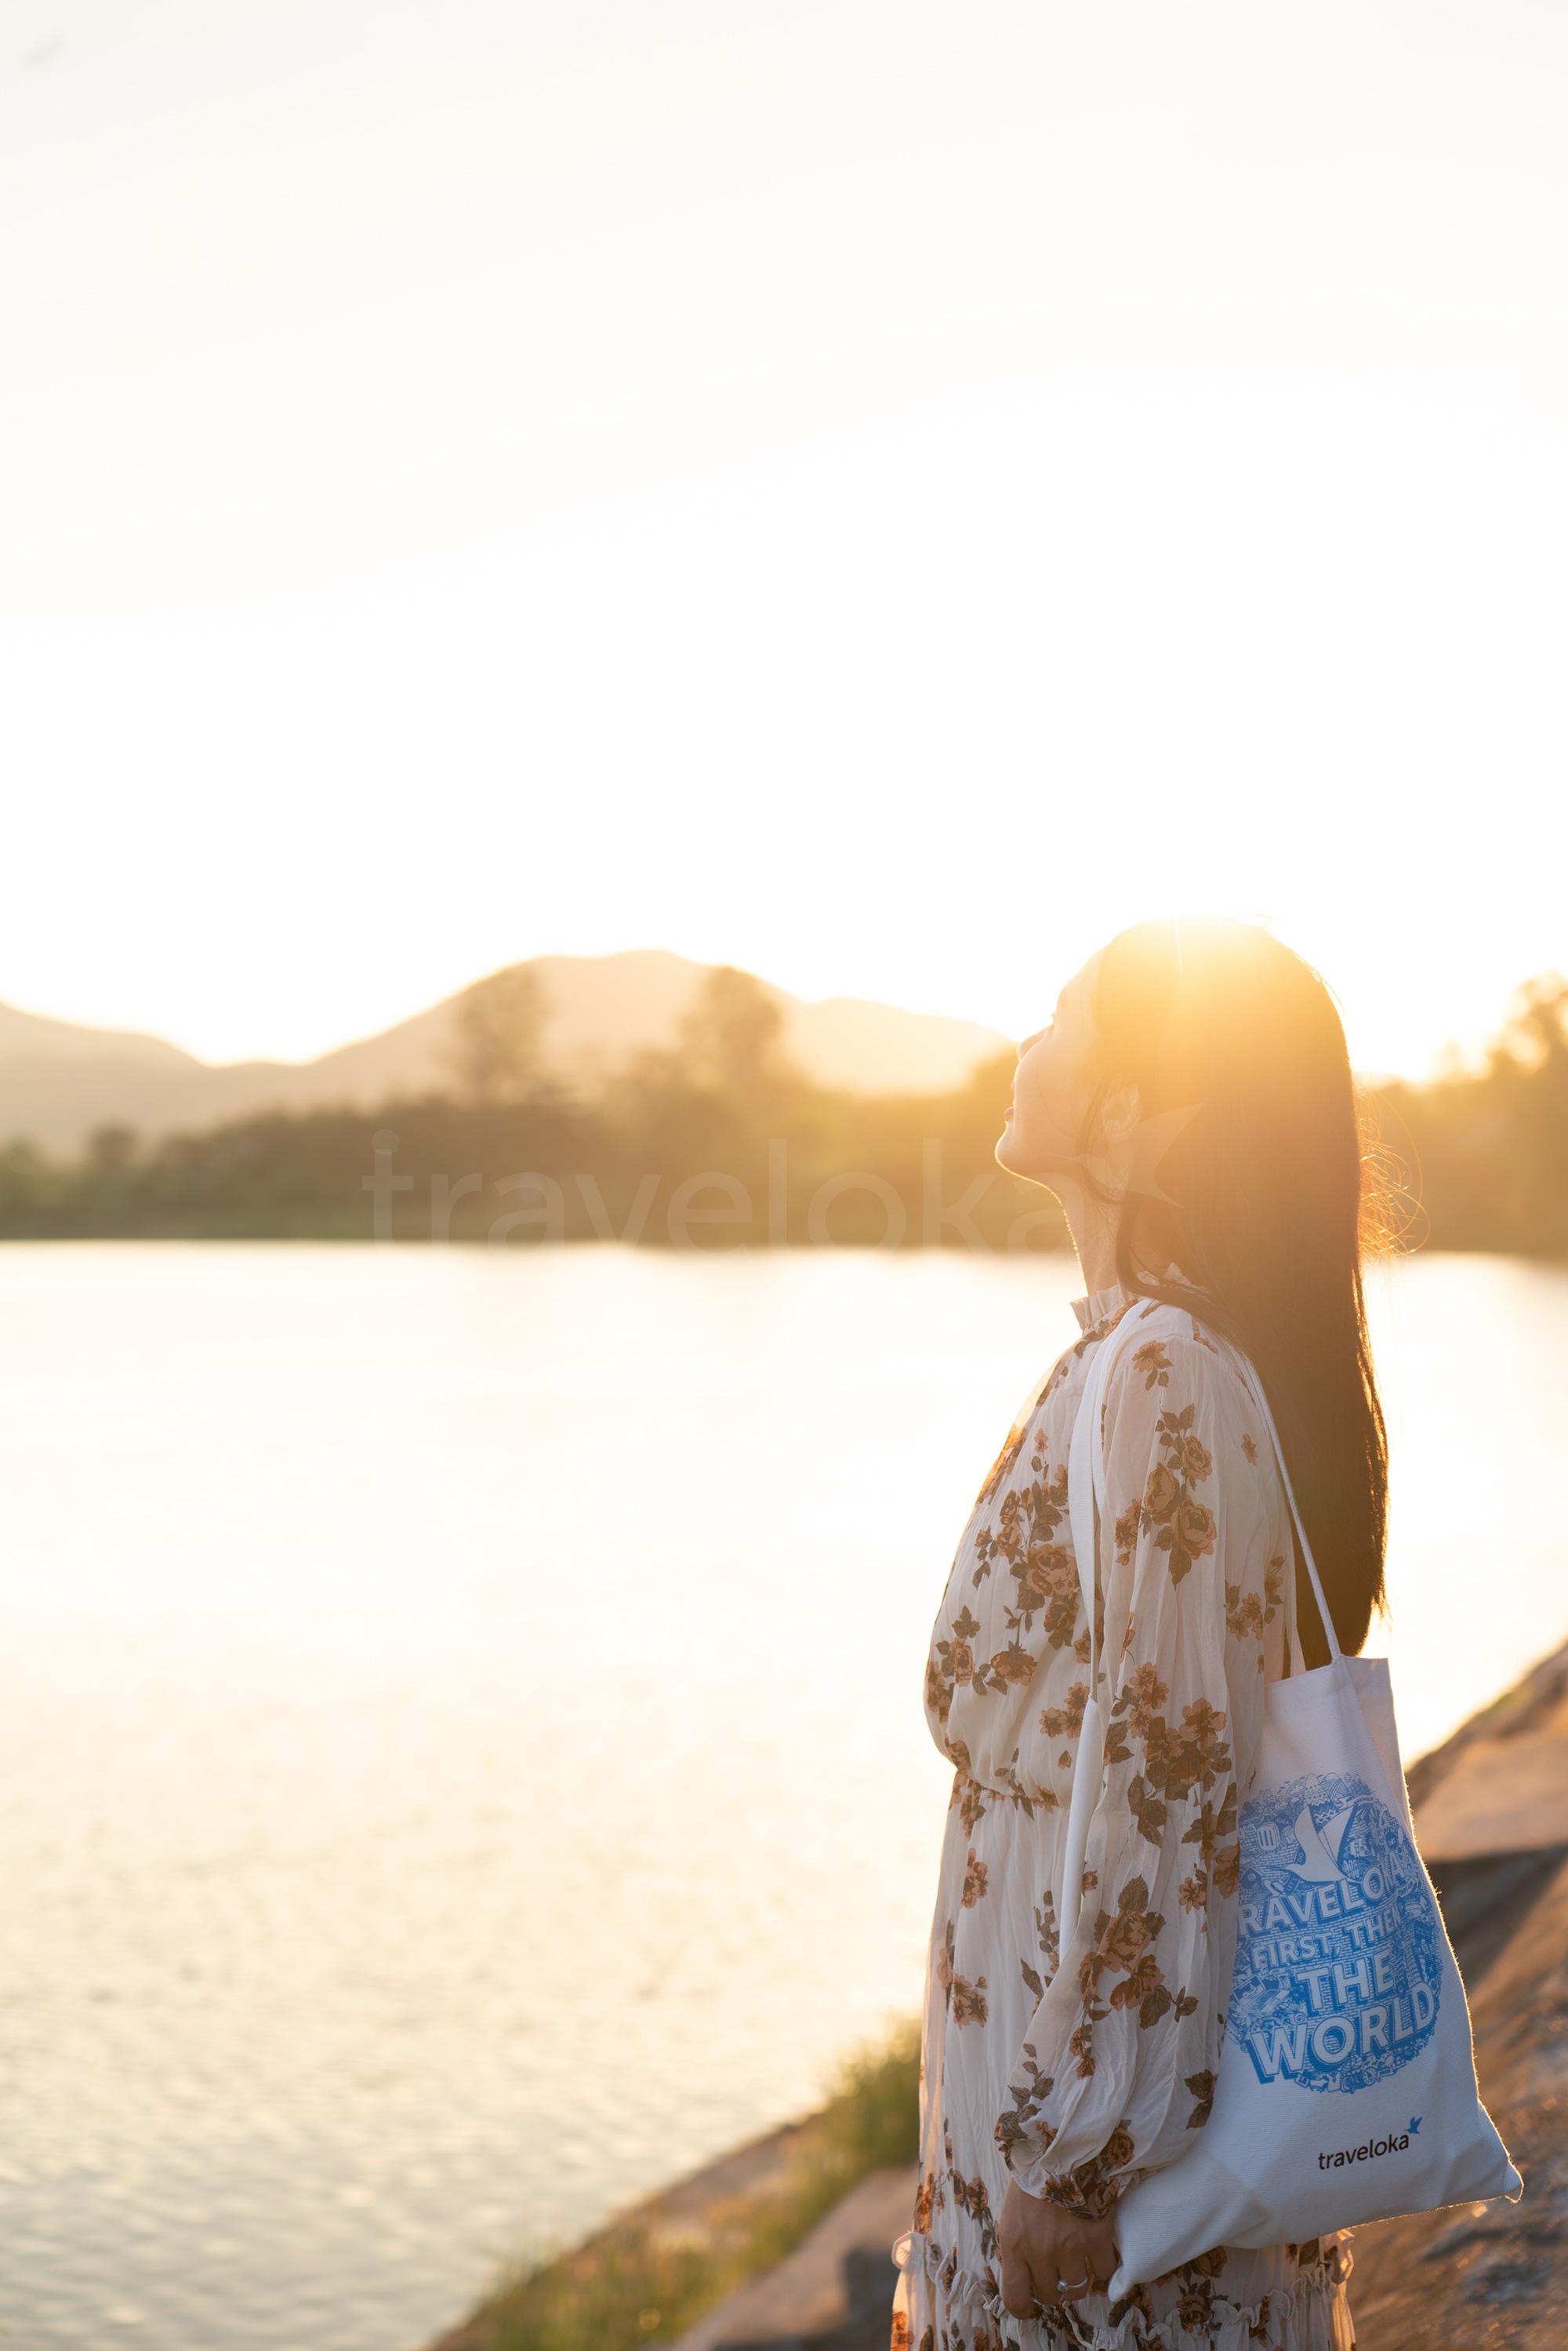 Kinh nghiệm du lịch Huế 1 ngày - Chè Hẻm - Chùa Thiên Mụ - Sông Hương